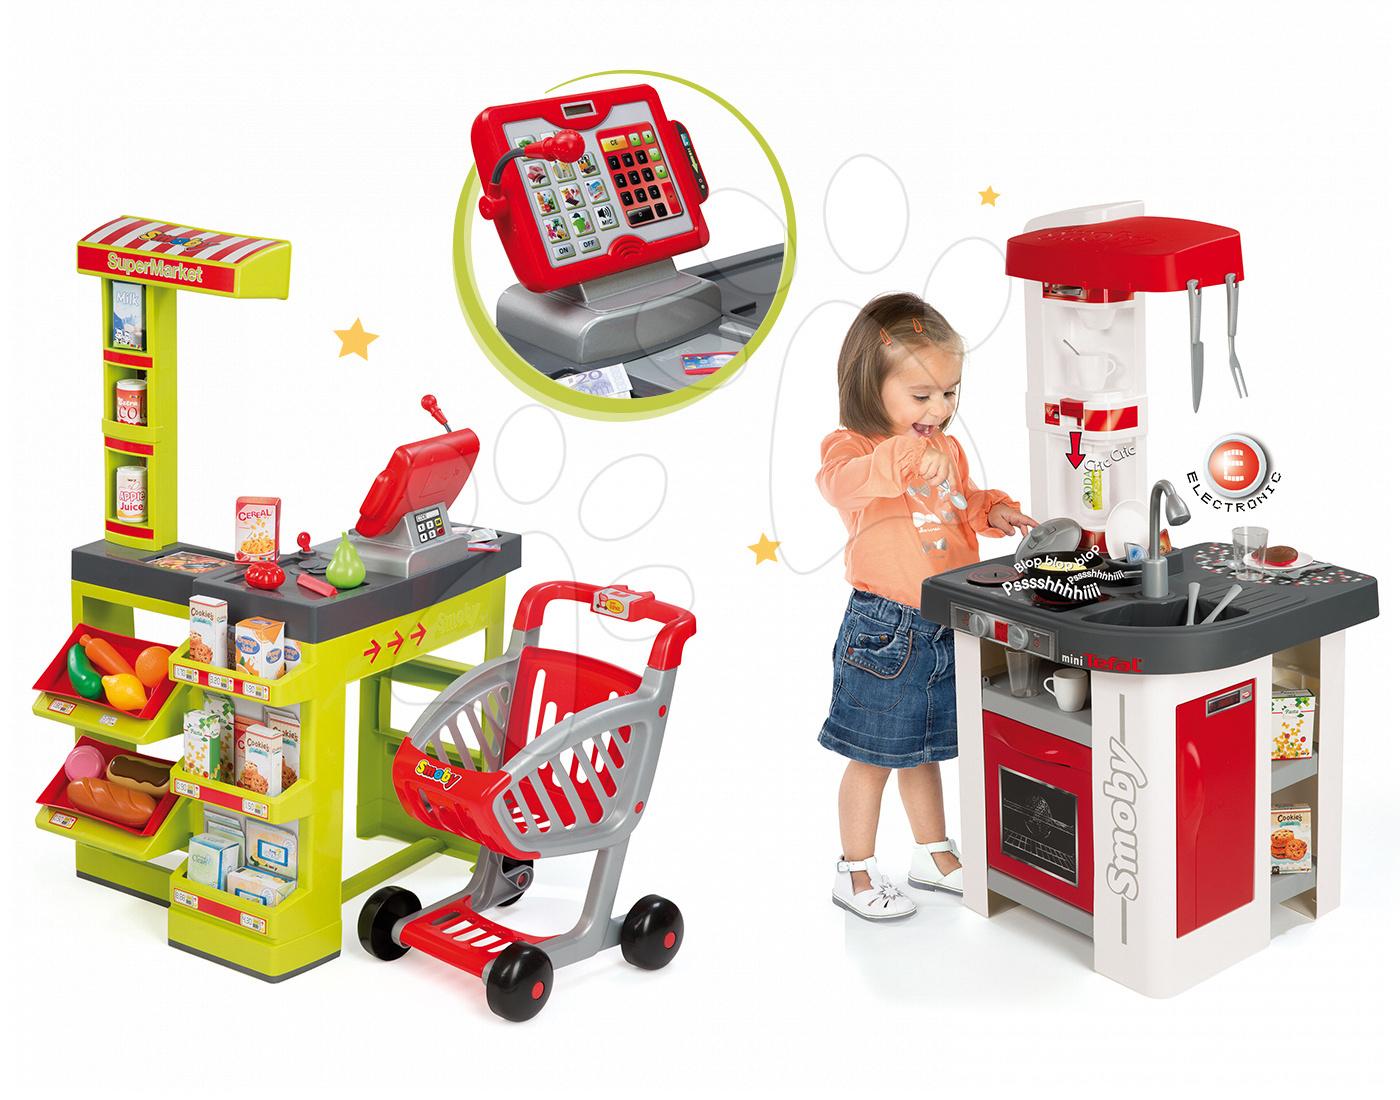 Set dětský obchod Supermarket Smoby s elektronickou pokladnou a kuchyňka Studio Tefal se zvuky